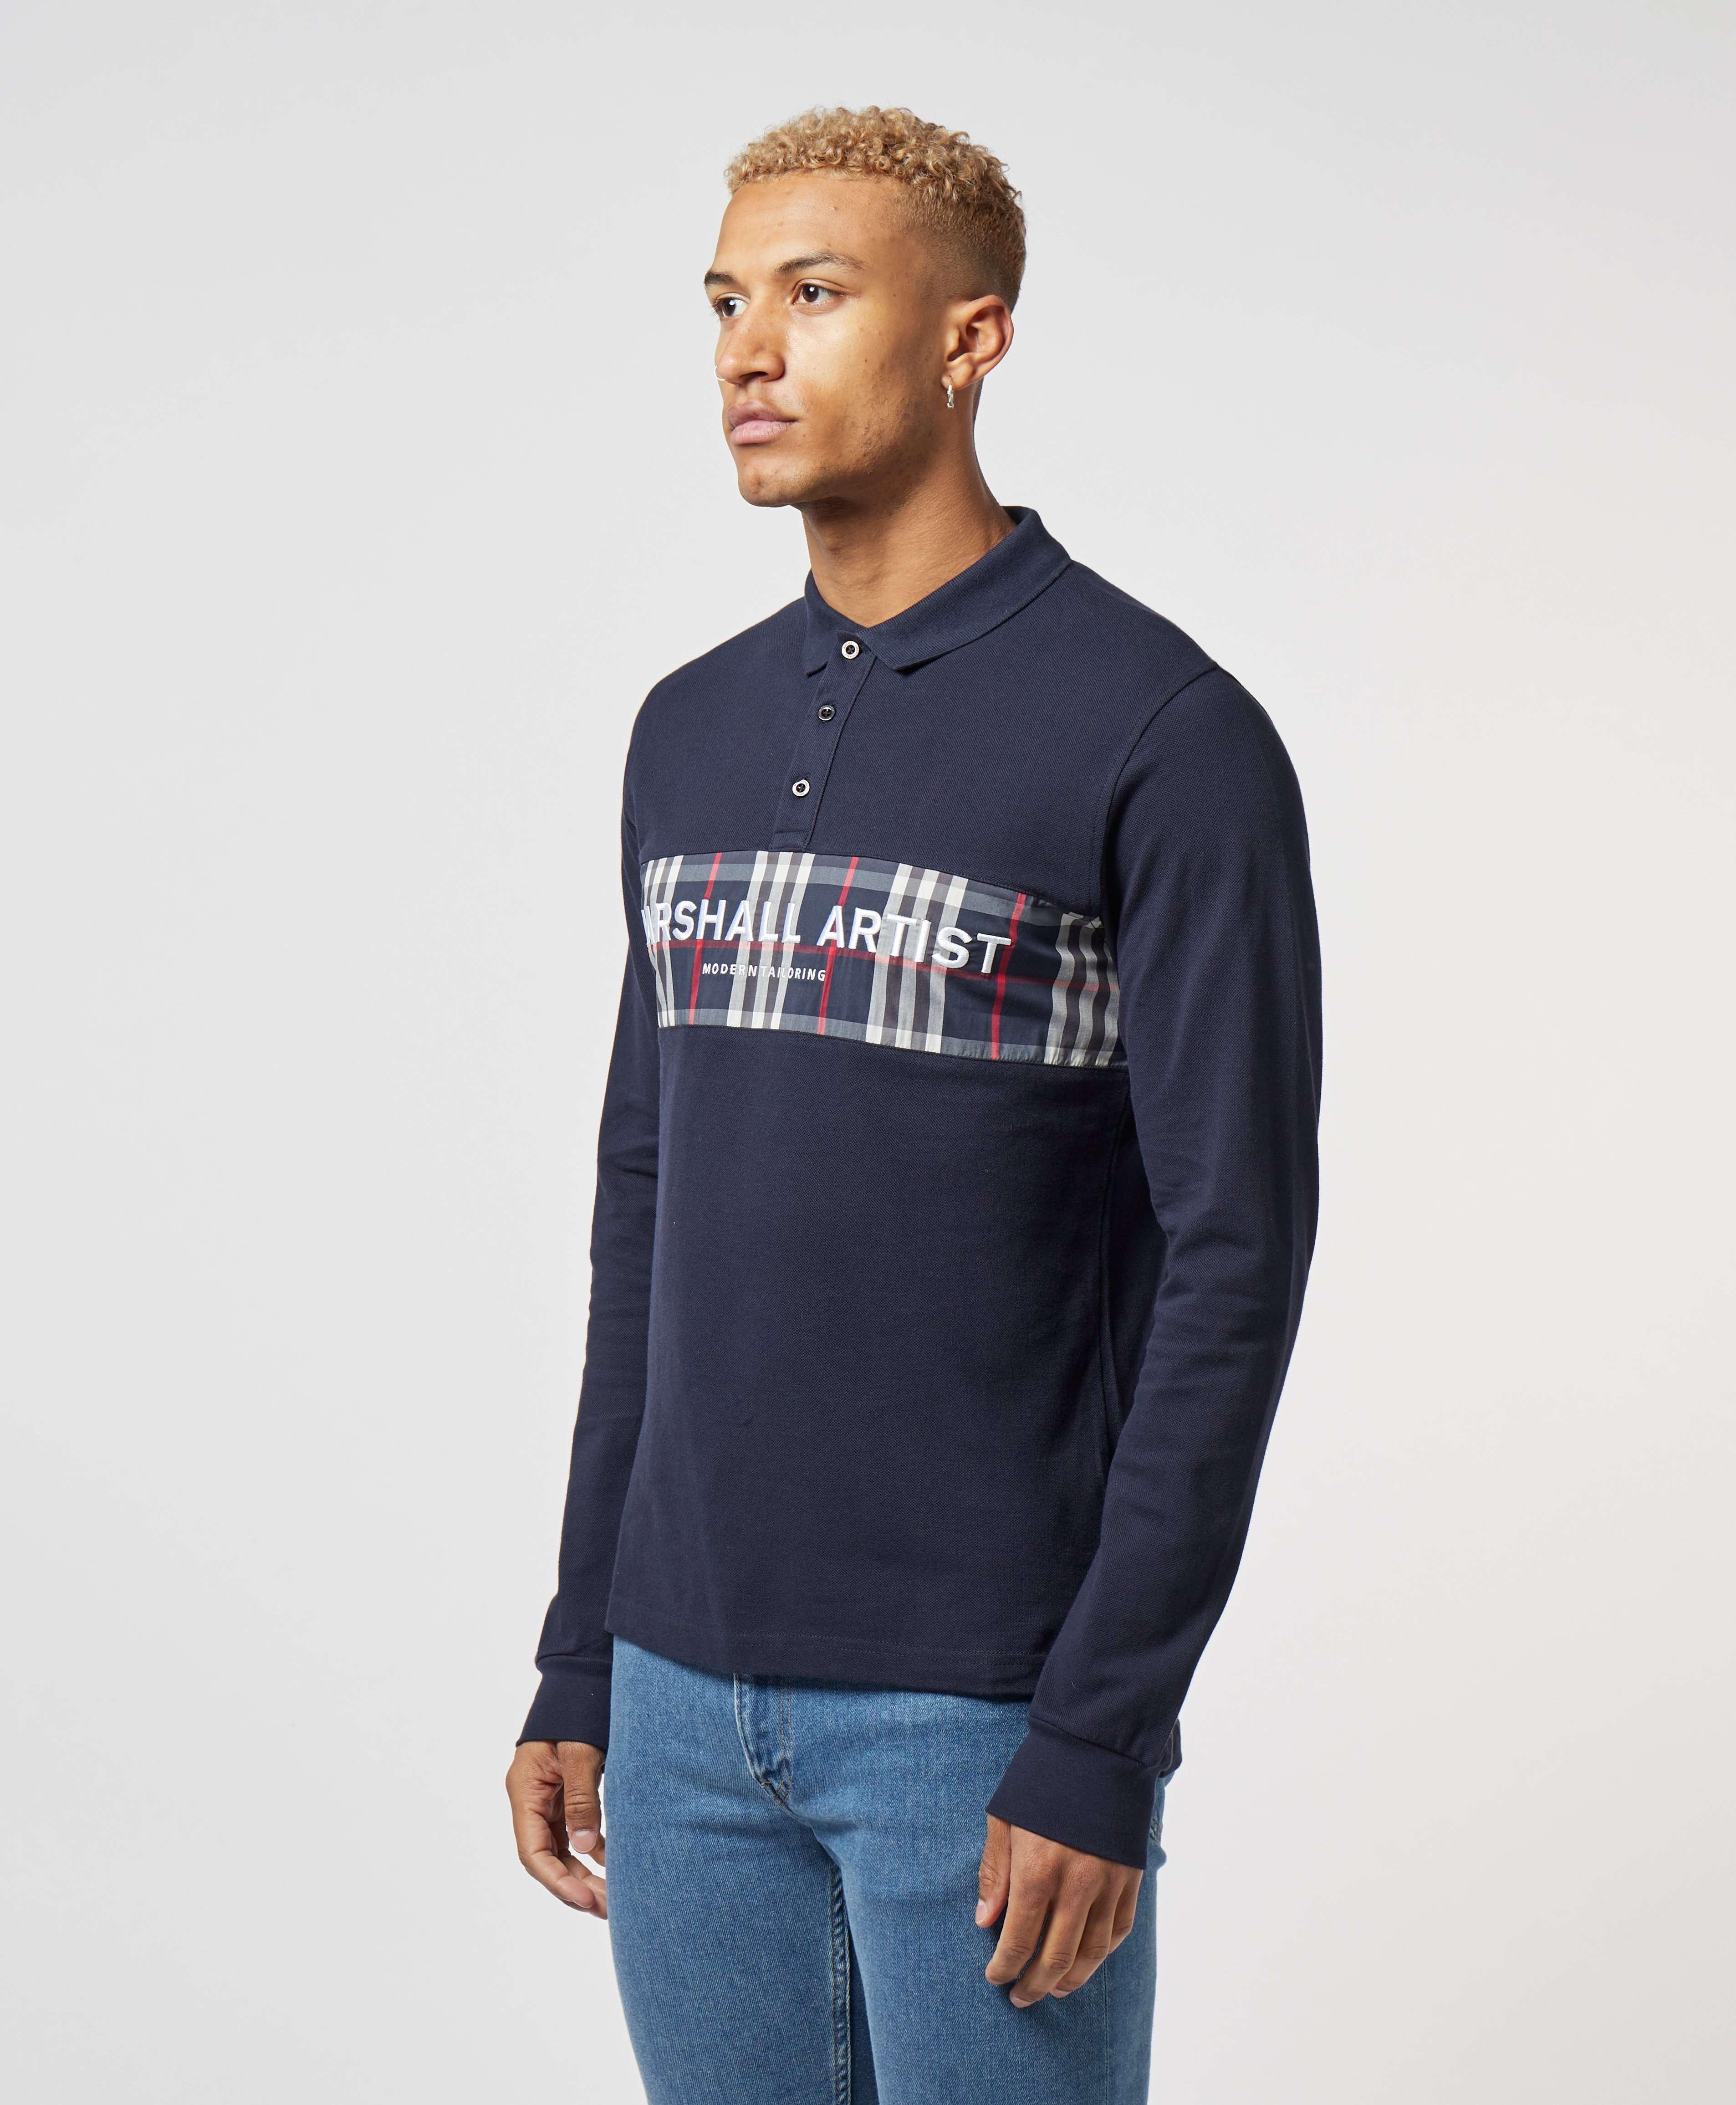 Marshall Artist Panel Long Sleeve Polo Shirt